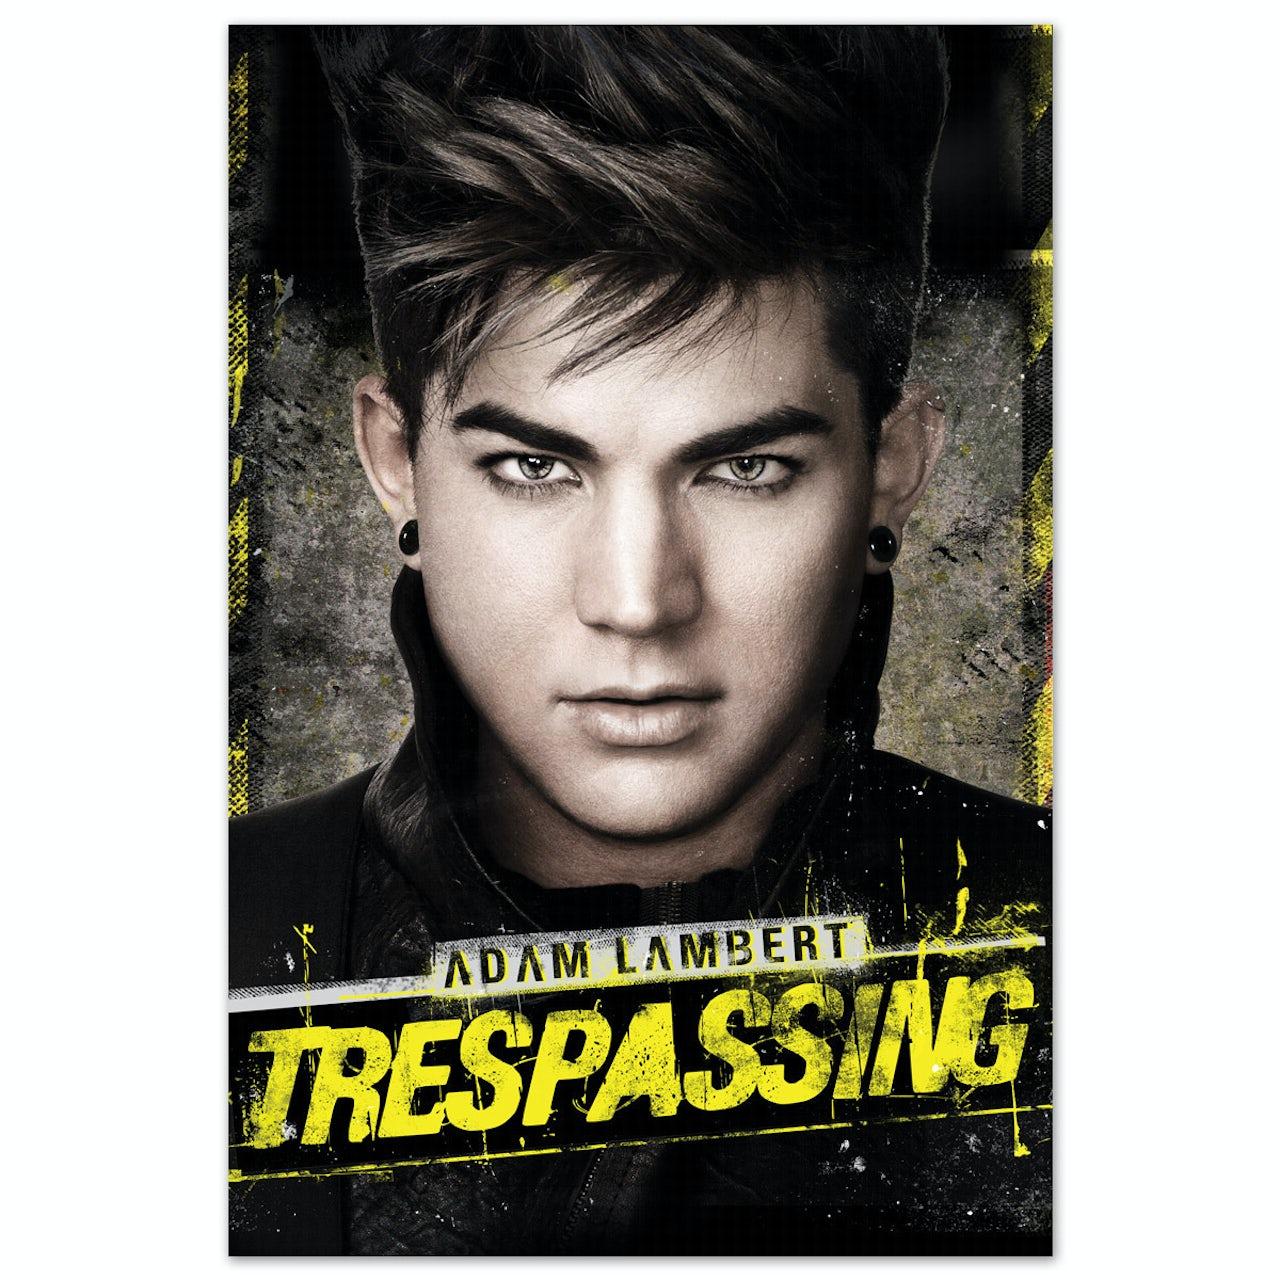 Trespassing (album) by Adam Lambert - Music Charts